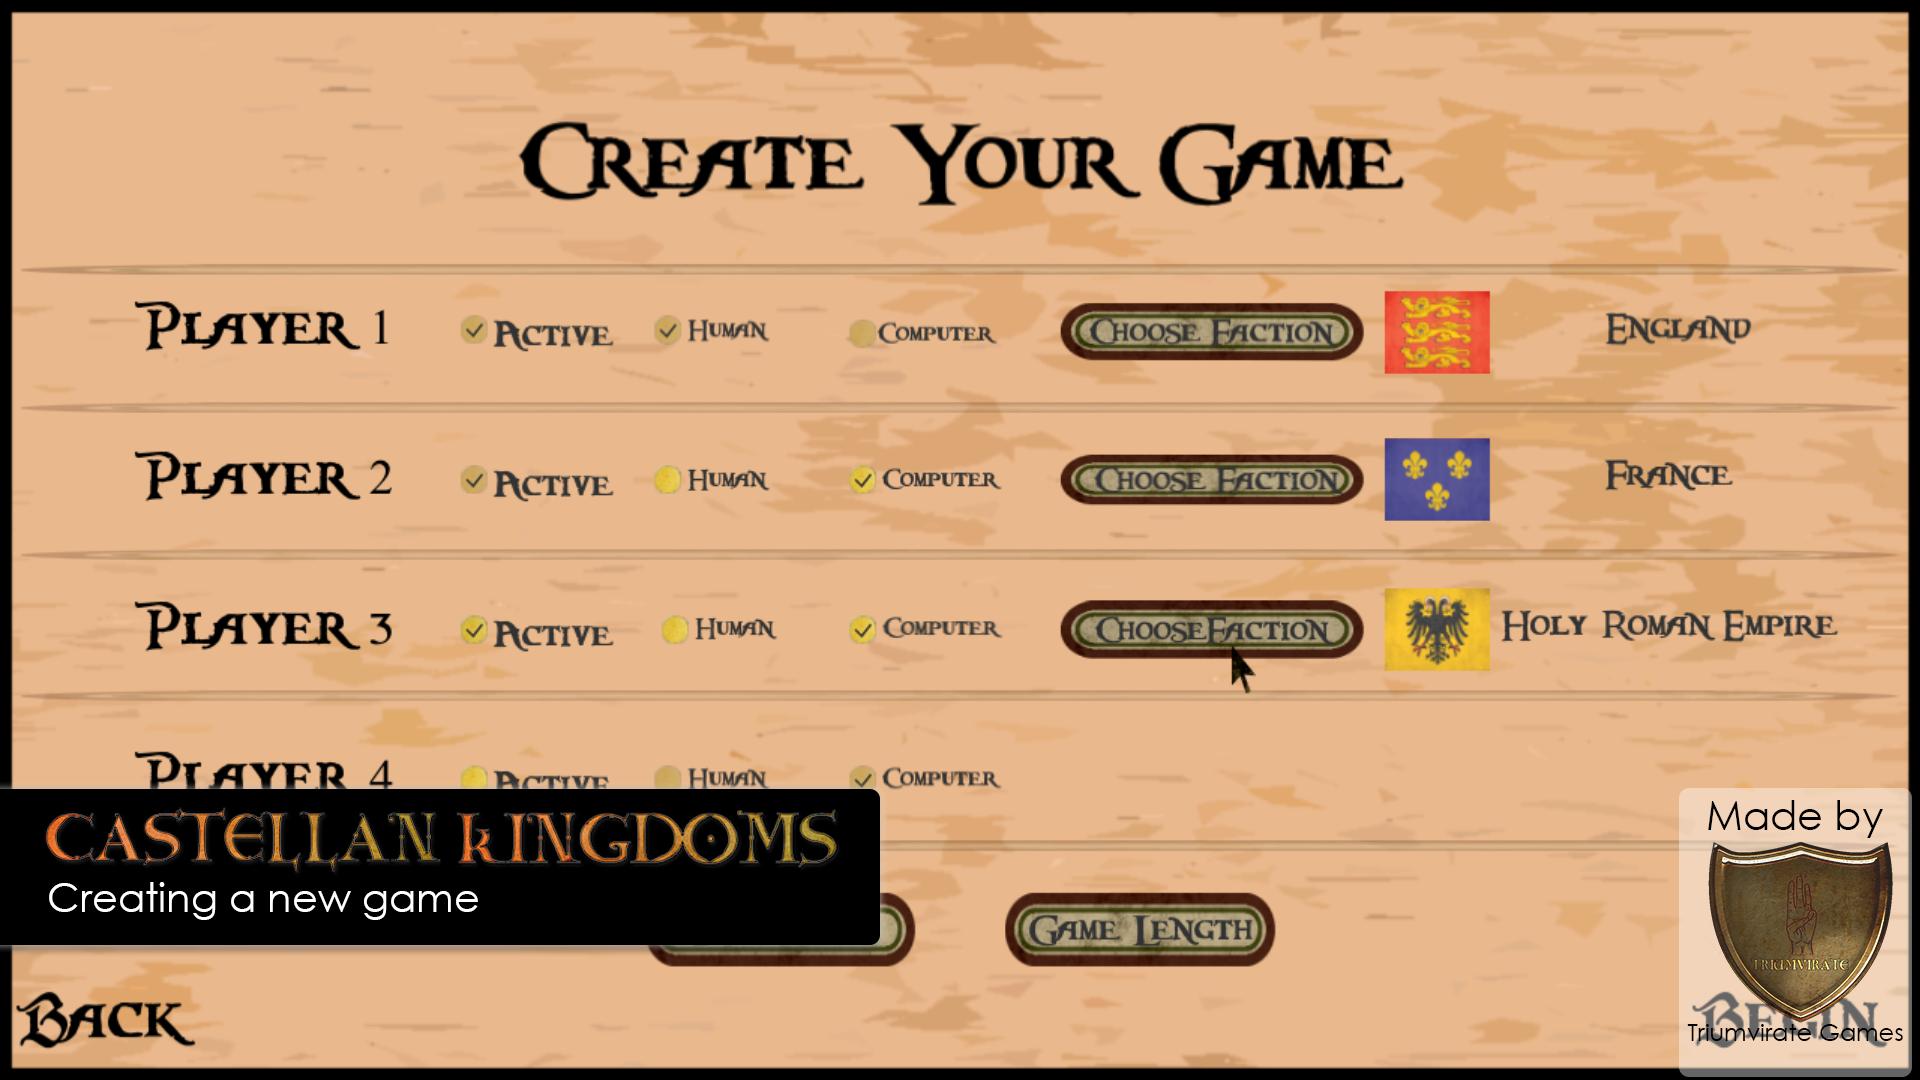 Castellan Kingdoms creating a game